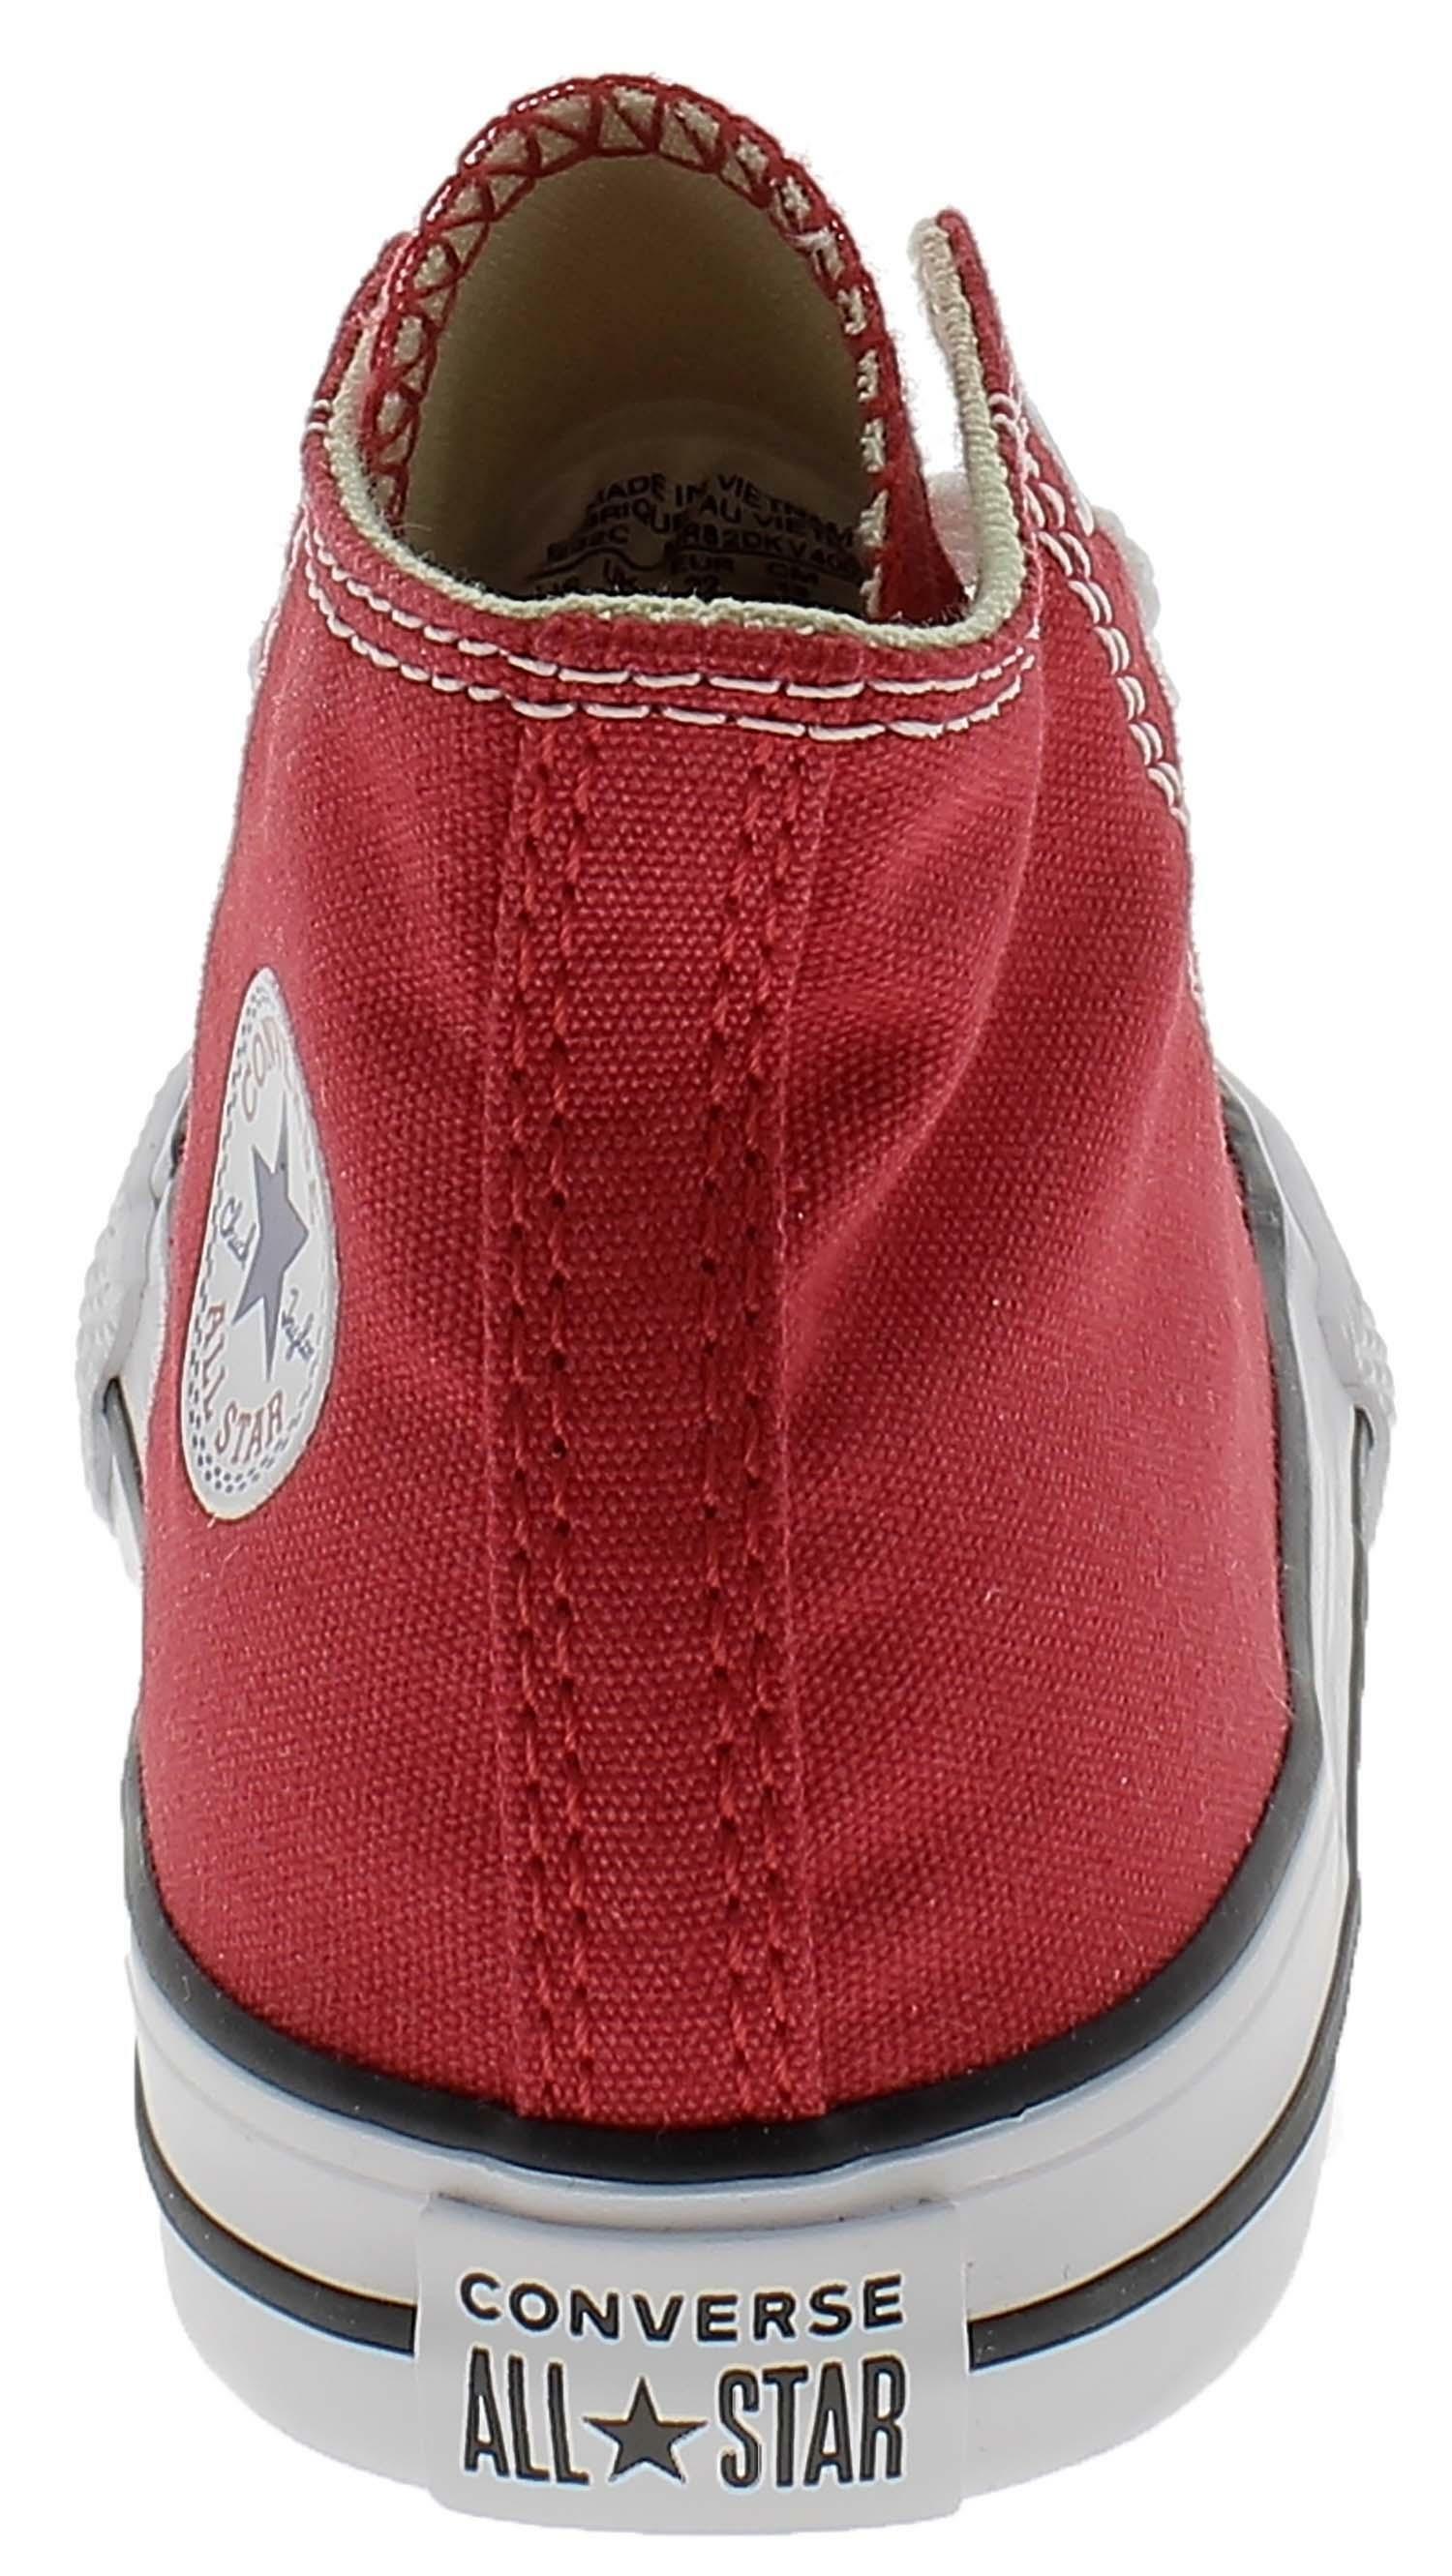 converse converse all star scarpe sportive bambino rosse tela lacci 7j232c